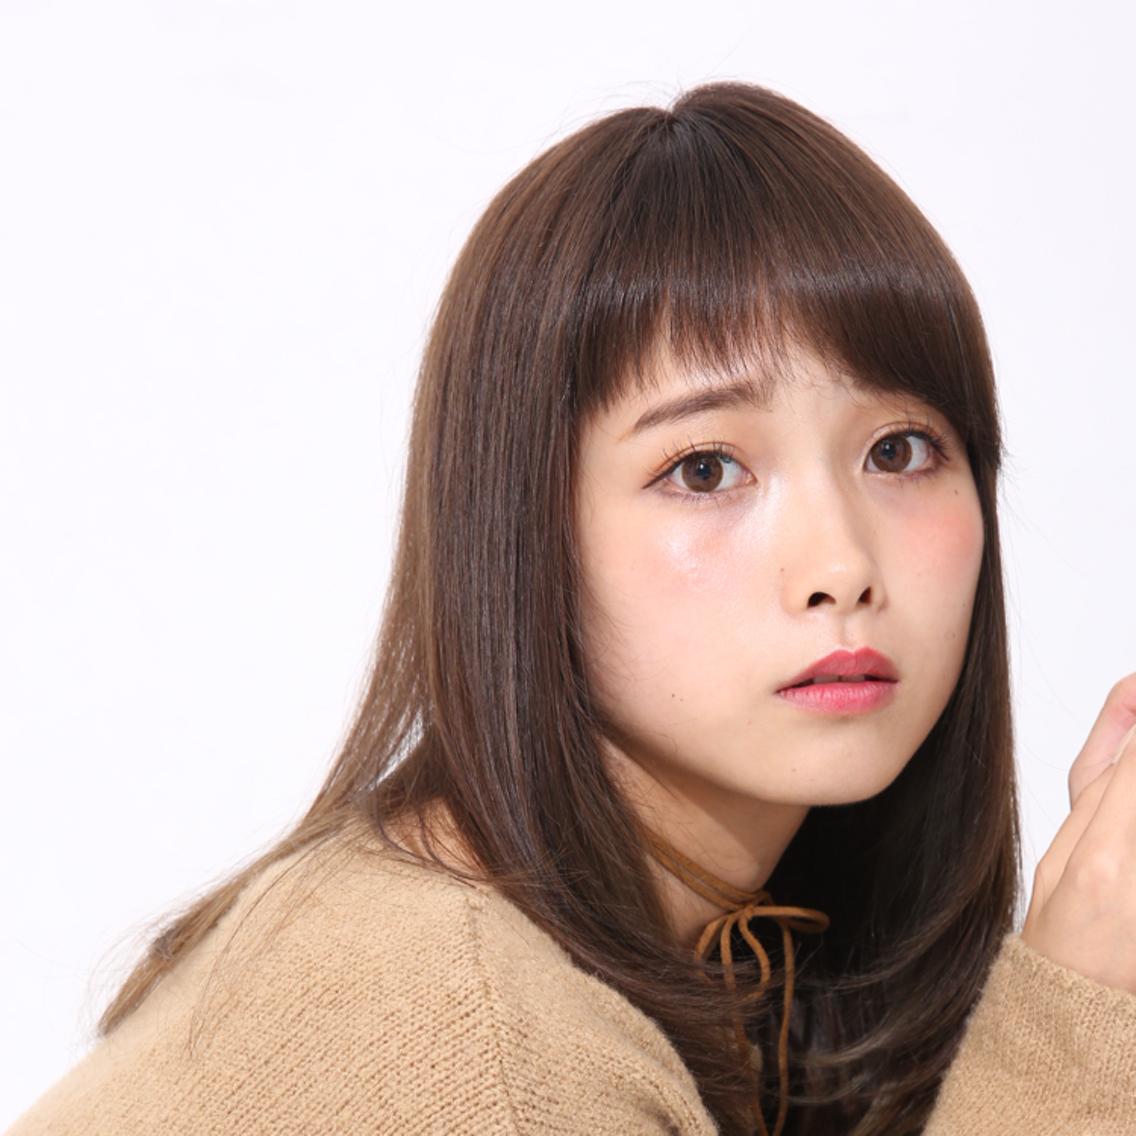 ミニモ限定価格✨   新宿御苑駅から徒歩5分✨当日予約OK!